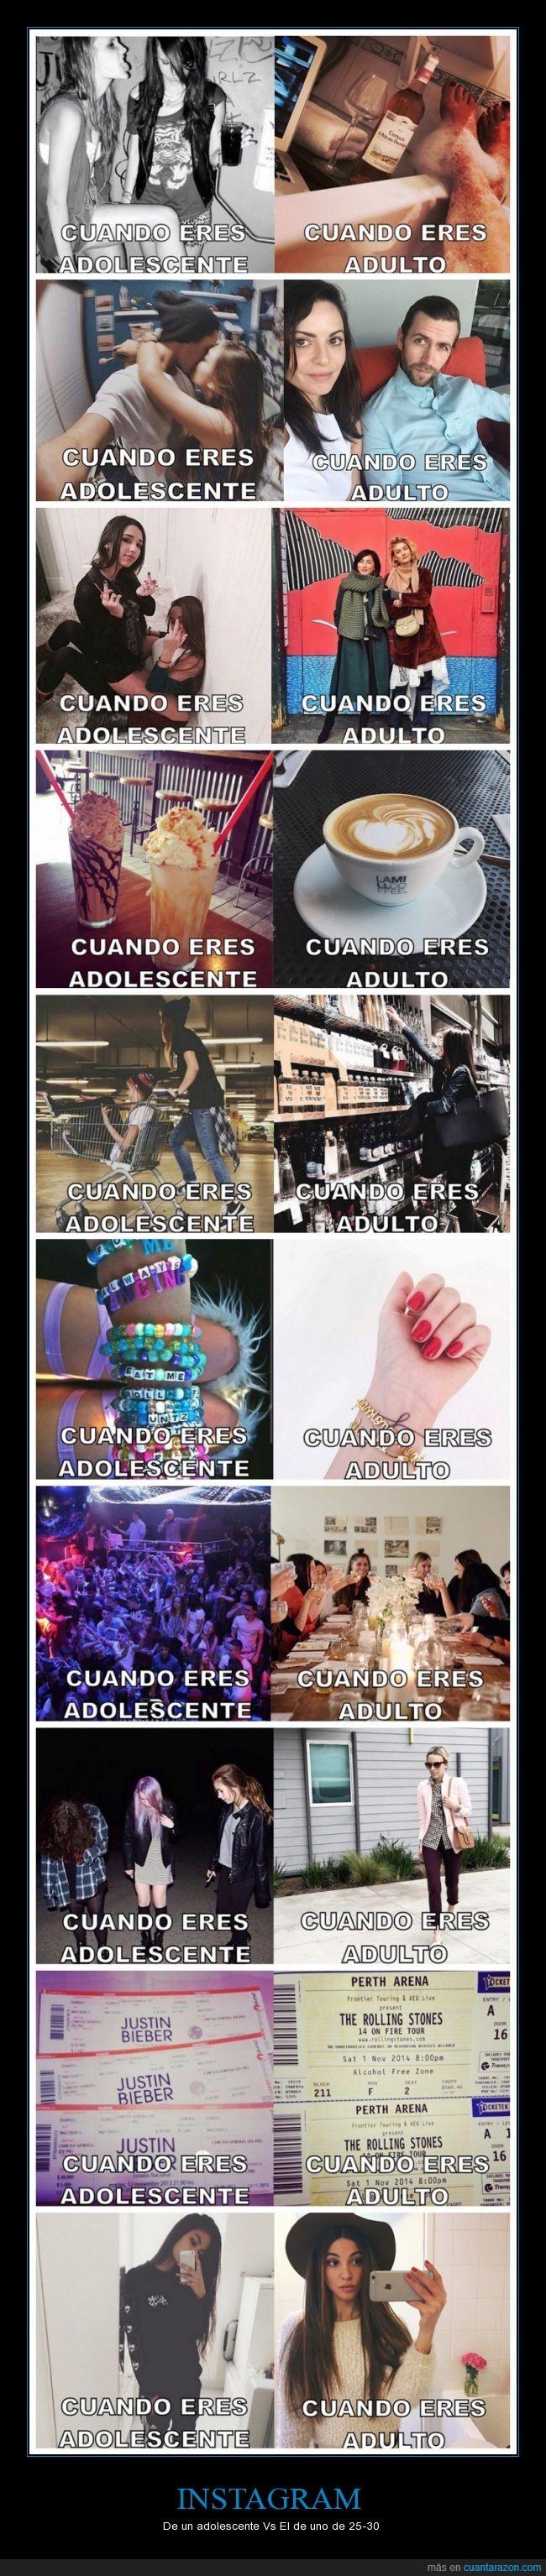 adolescente,beber,diferencia,edad,fiesta,fotos,instagram,pulsera,ropa,selfie